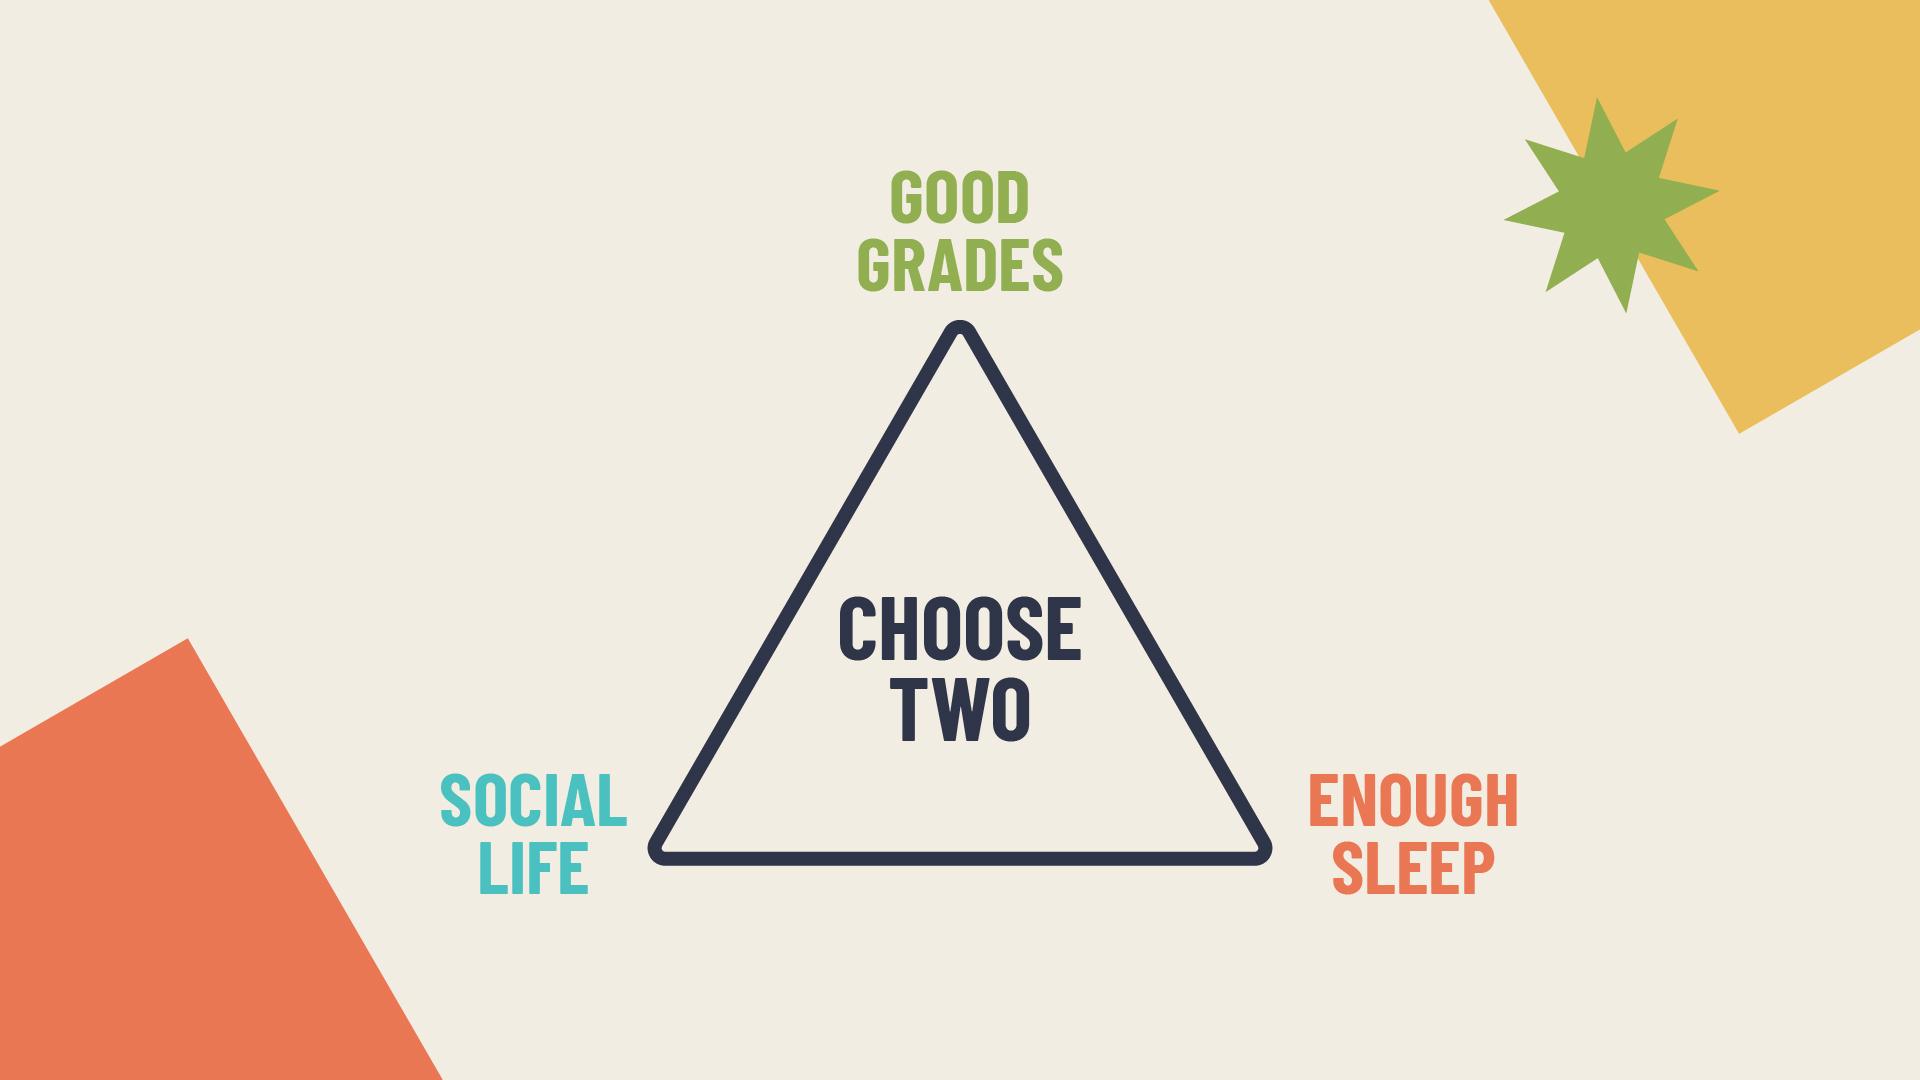 good grades, social life, enough sleep.